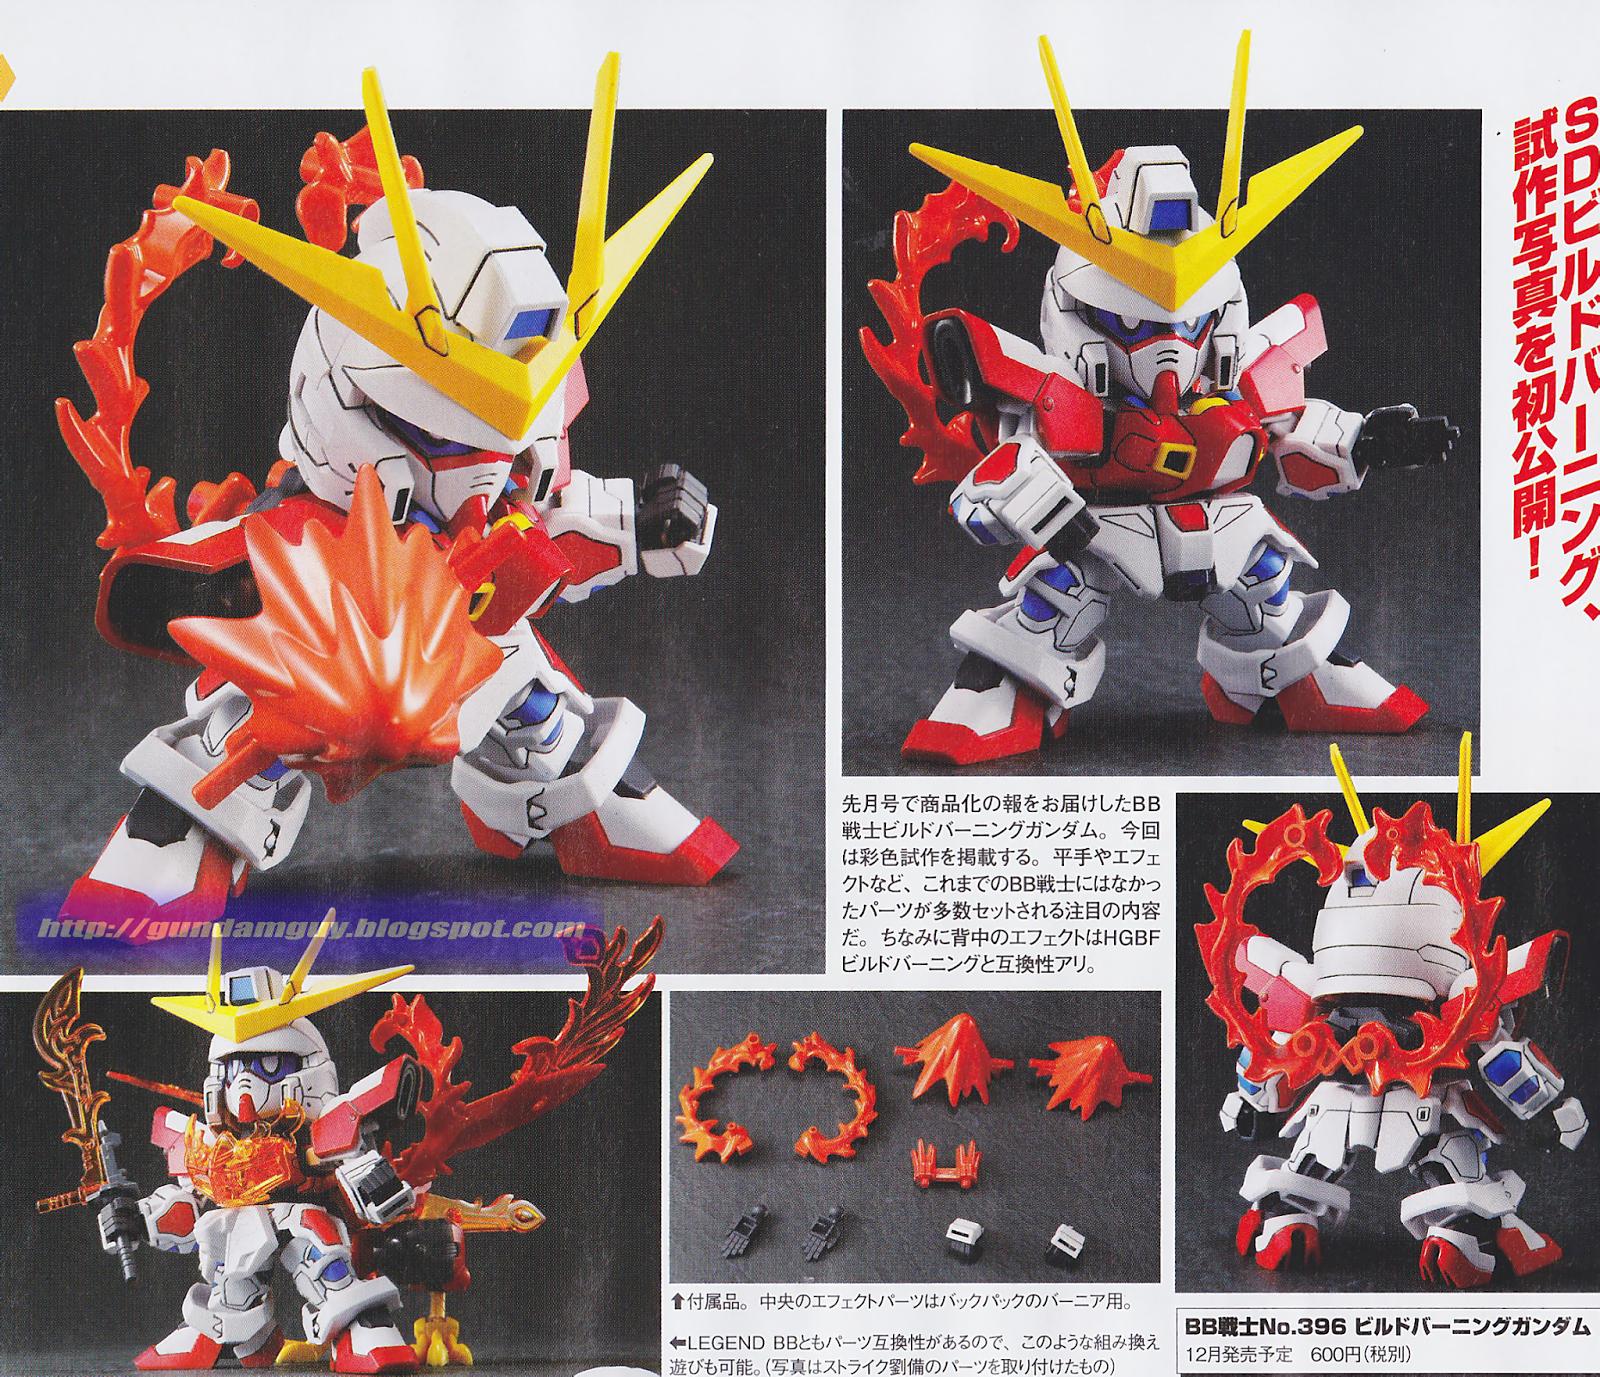 SD BB Senshii Build Burning Gundam